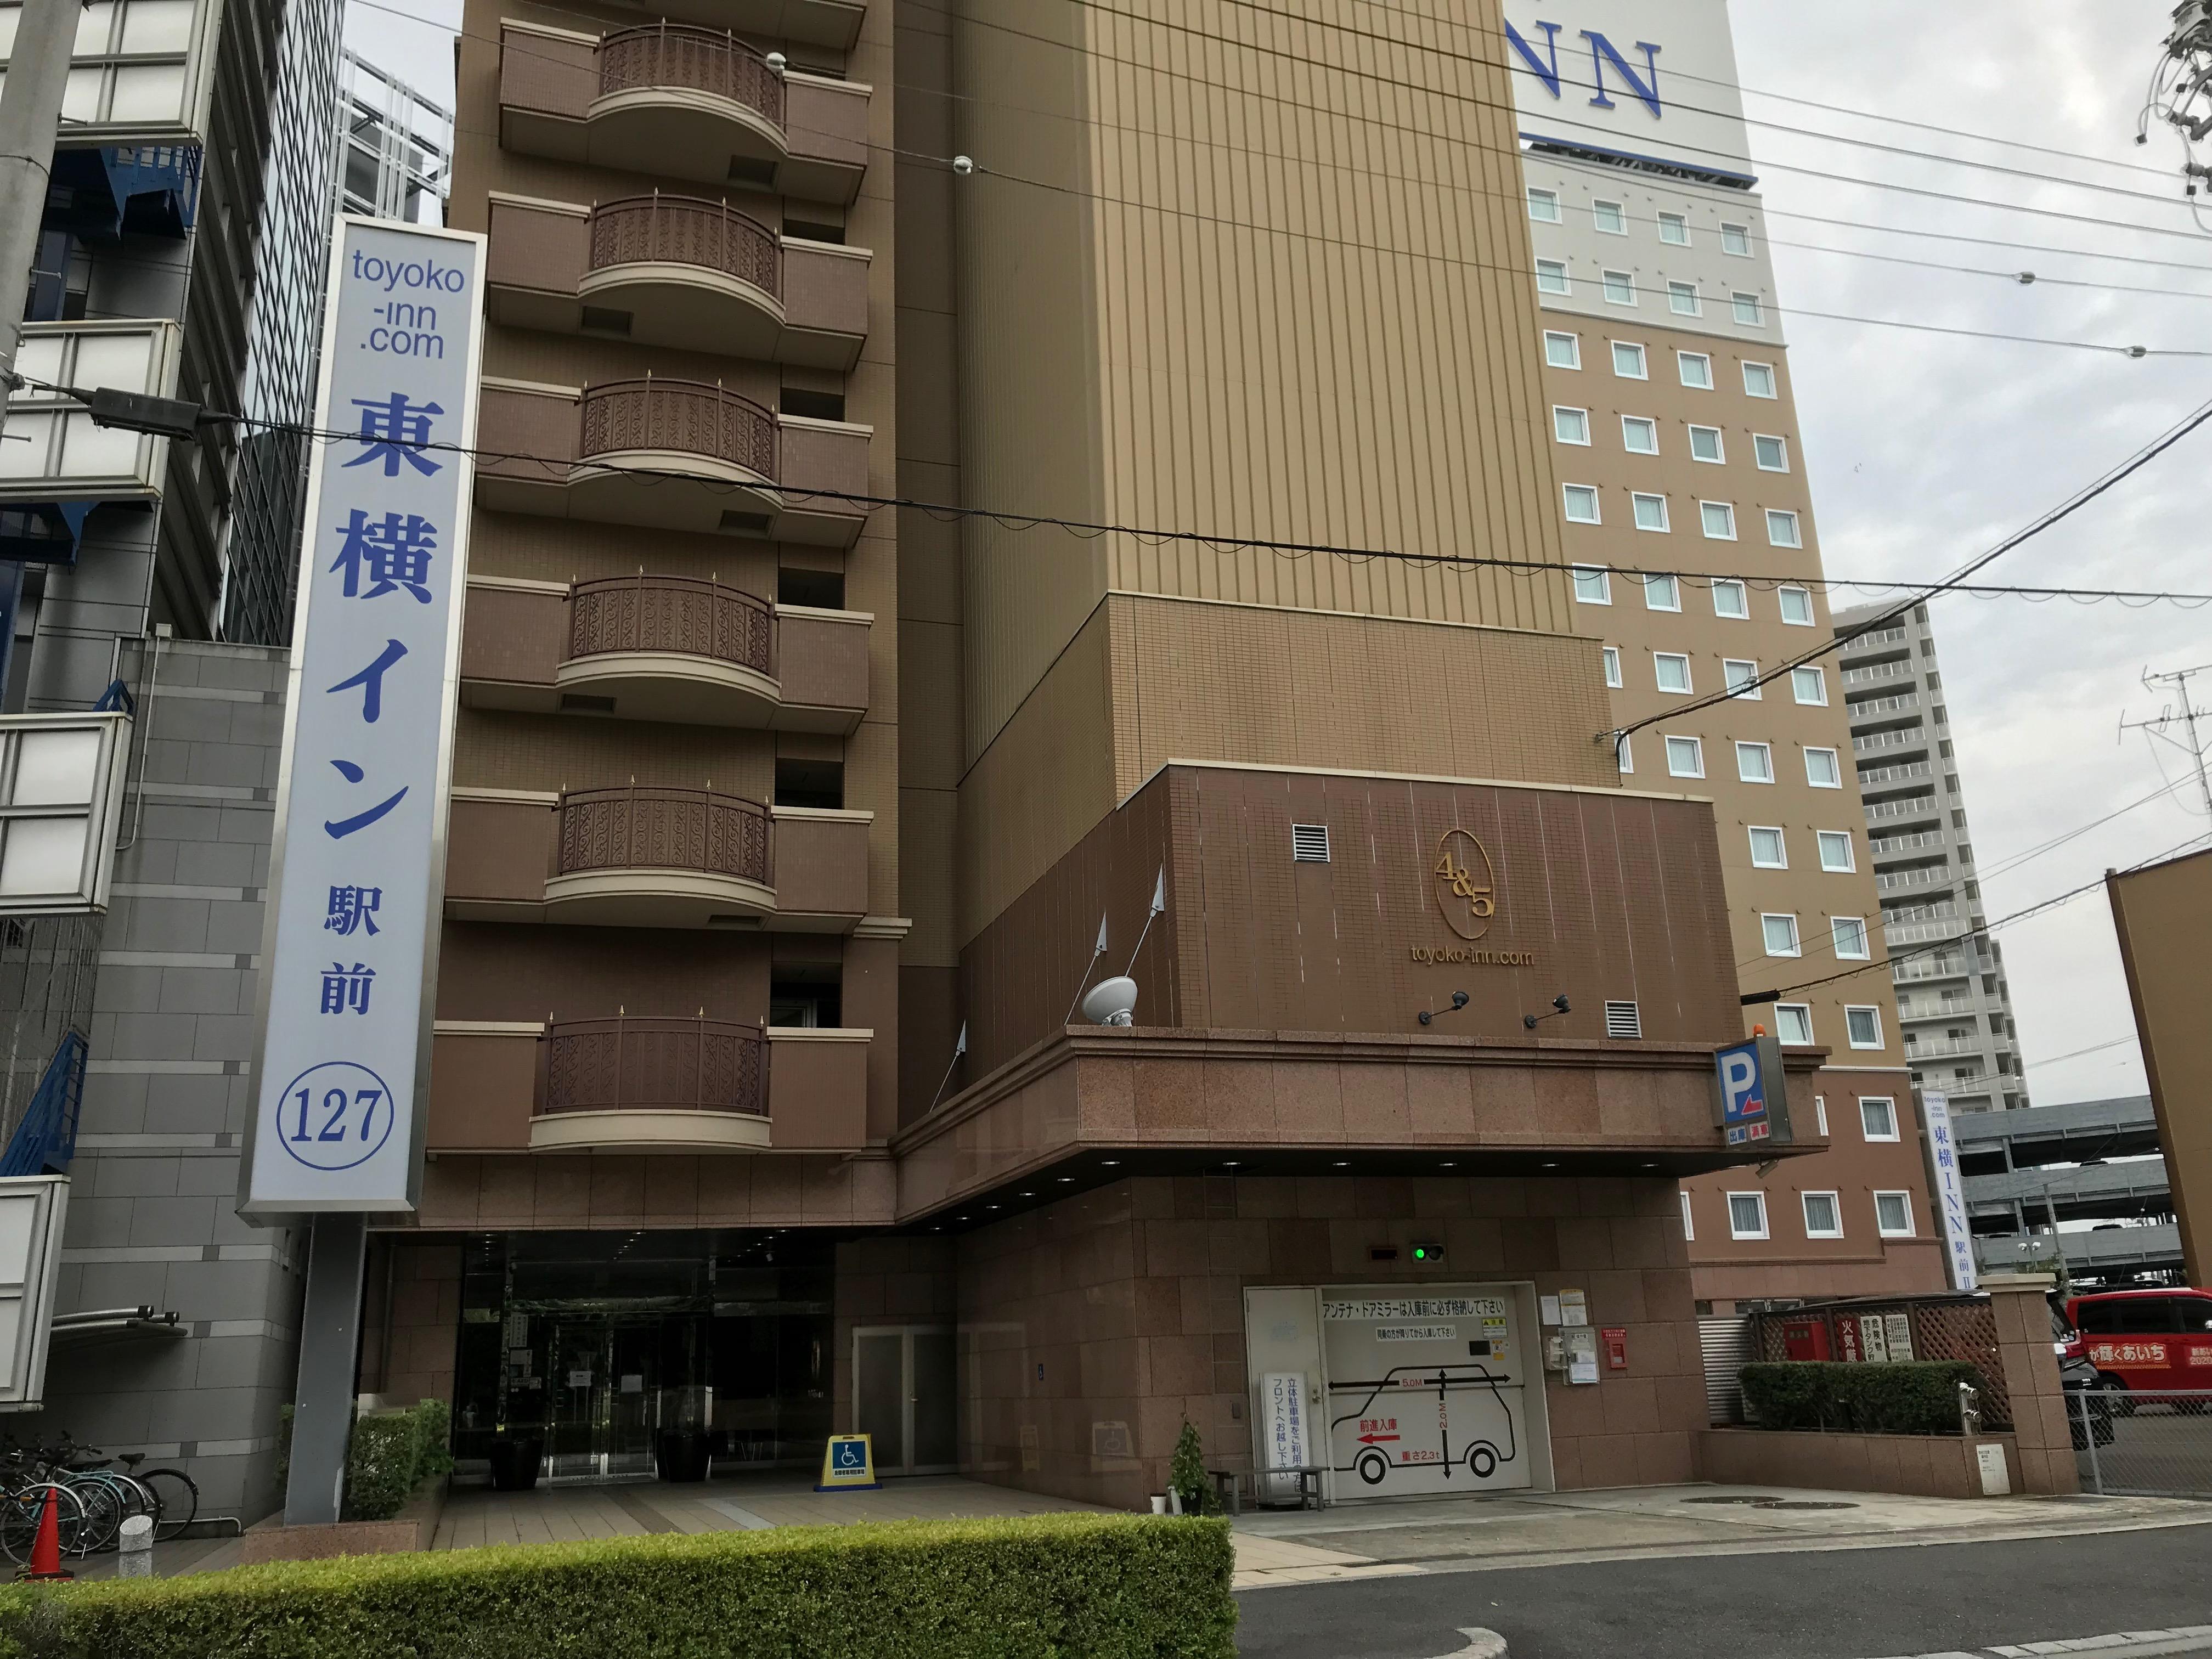 東横イン三河安城駅新幹線南口